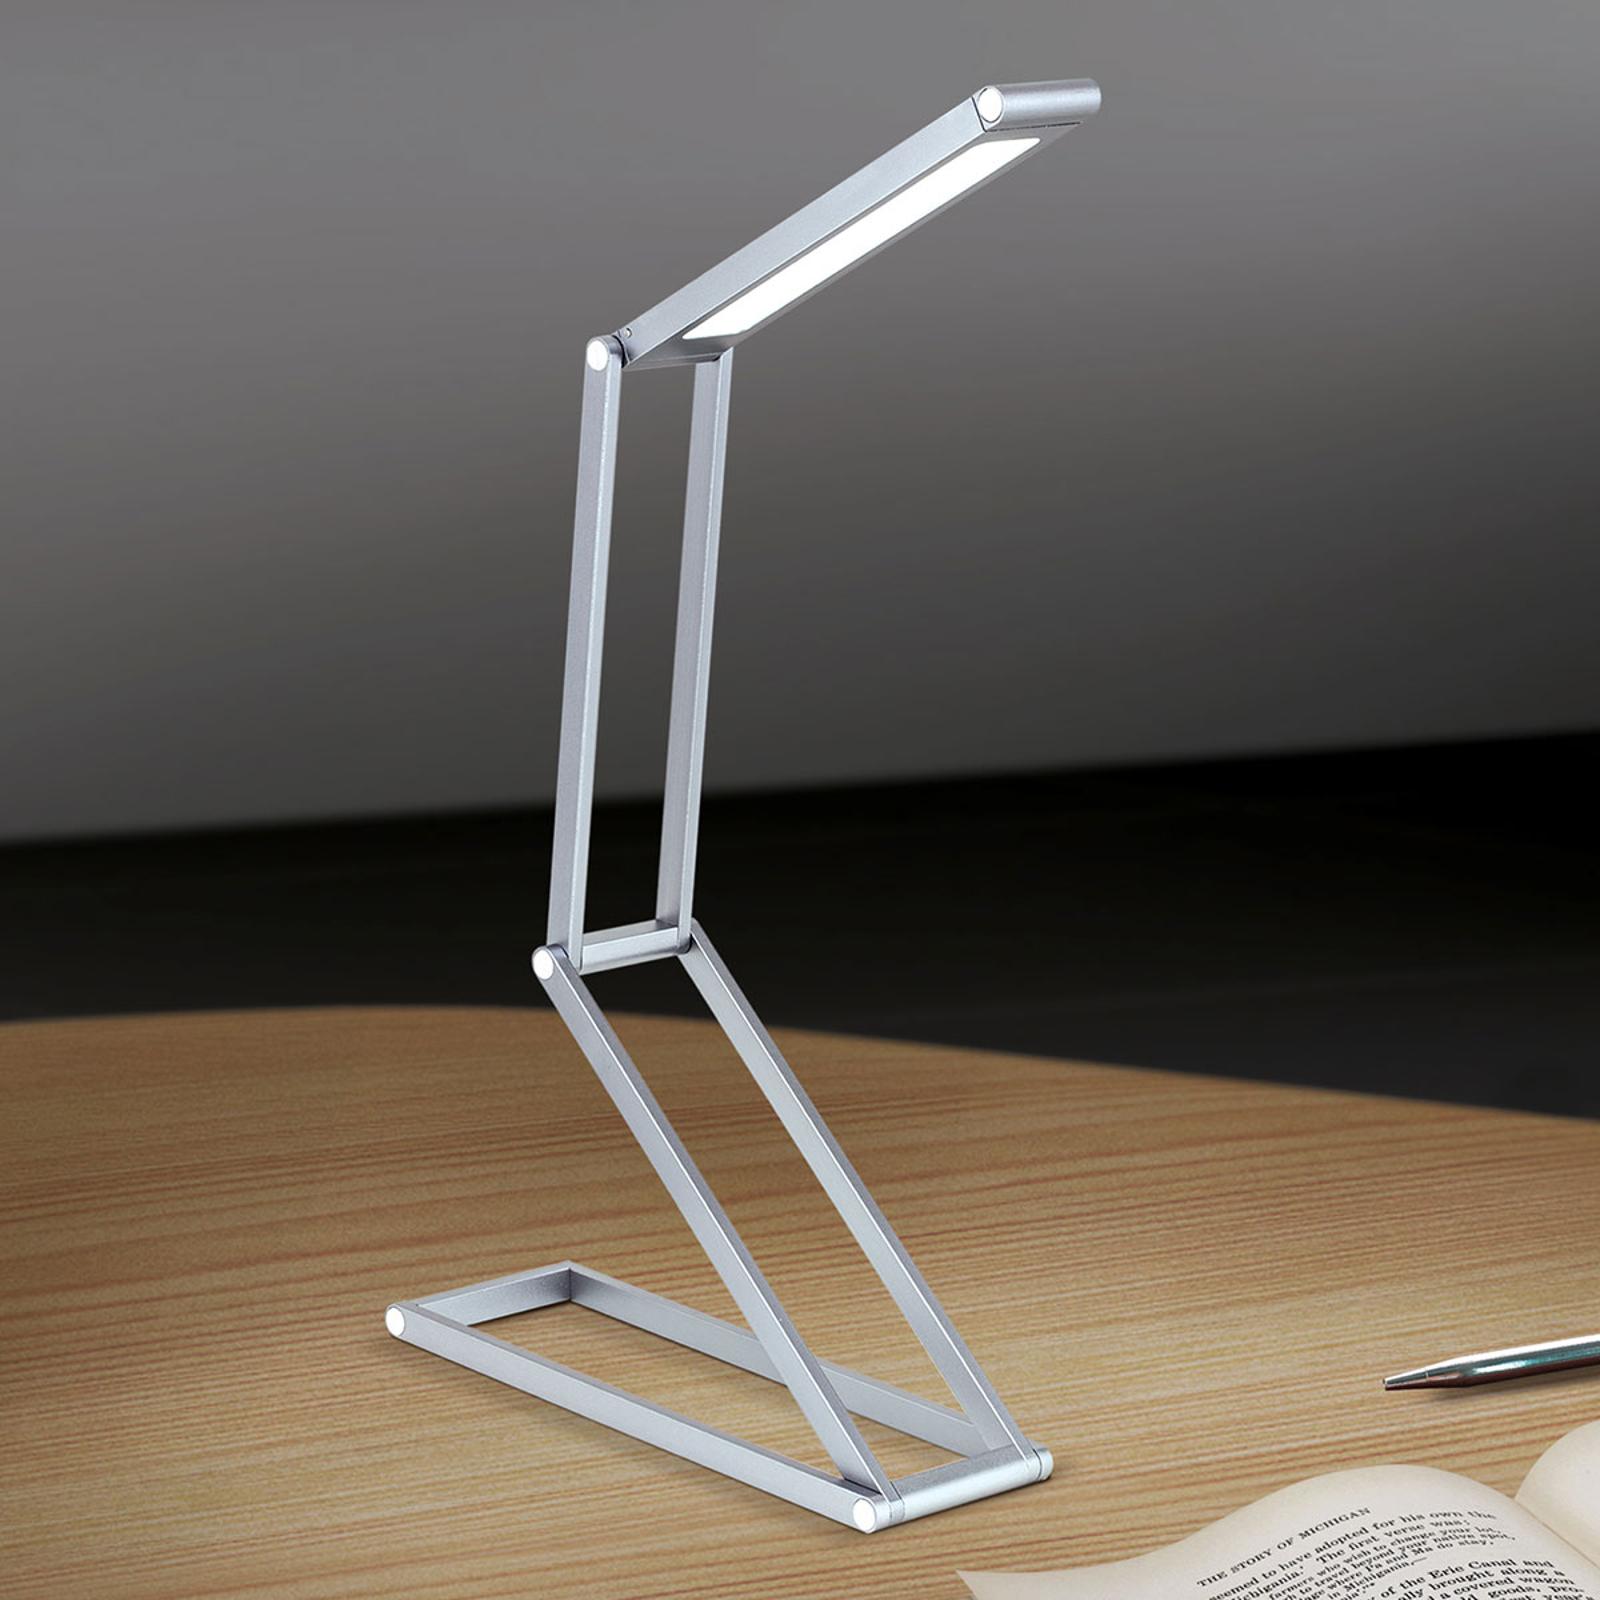 Faltbare LED-Tischleuchte Falto m. Akku anthrazit